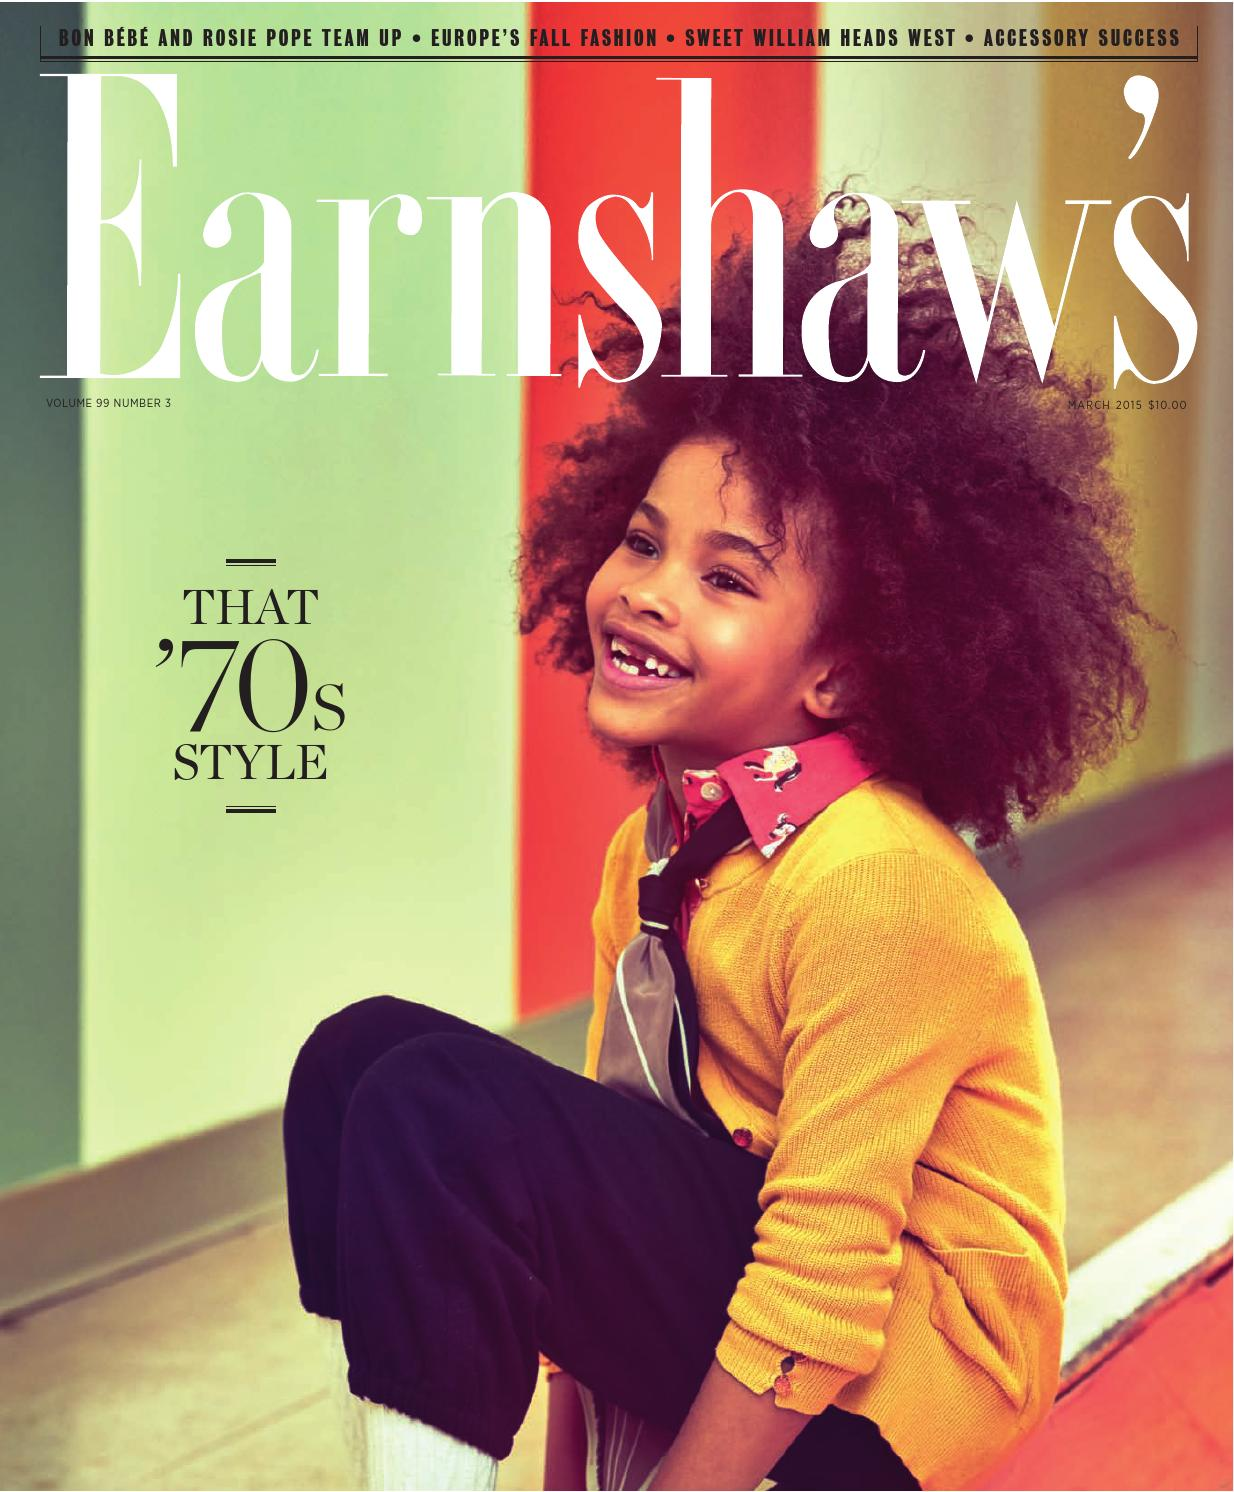 Earnshaws March 2015 By 9threads Issuu Beberosie